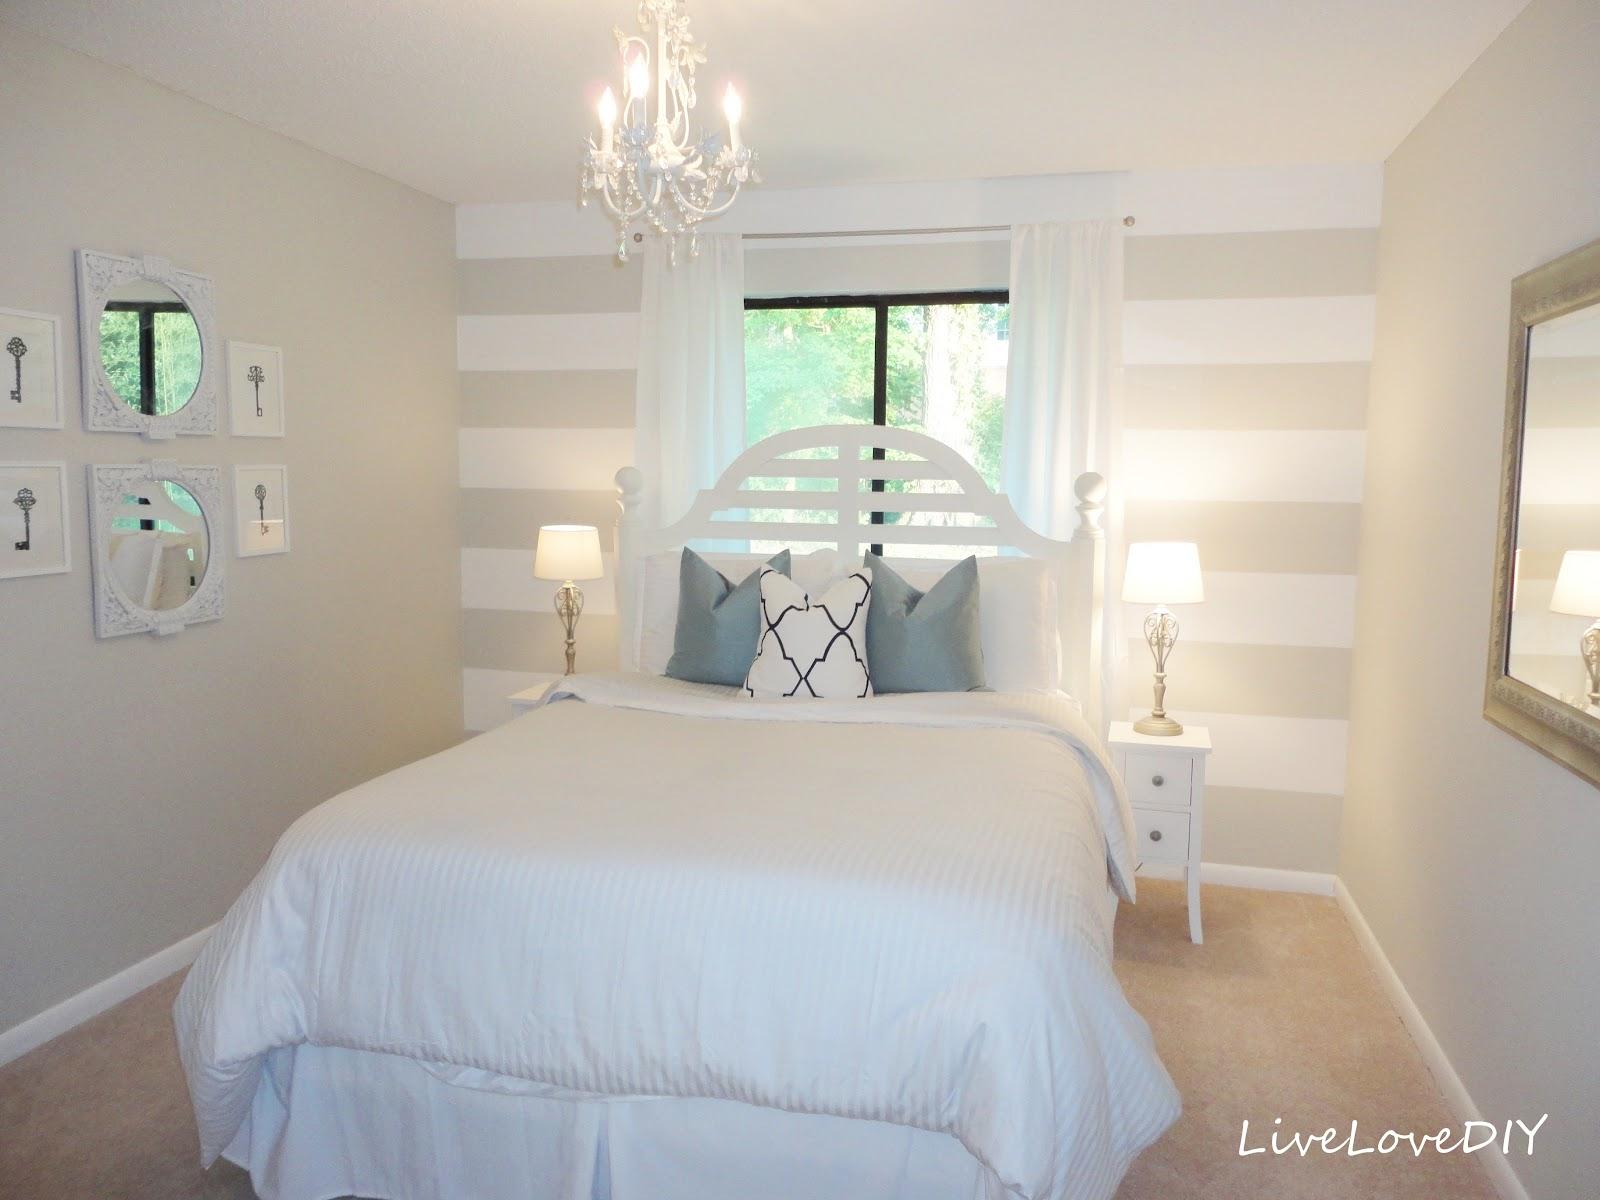 Livelovediy Diy Striped Wall Guest Bedroom Makeover